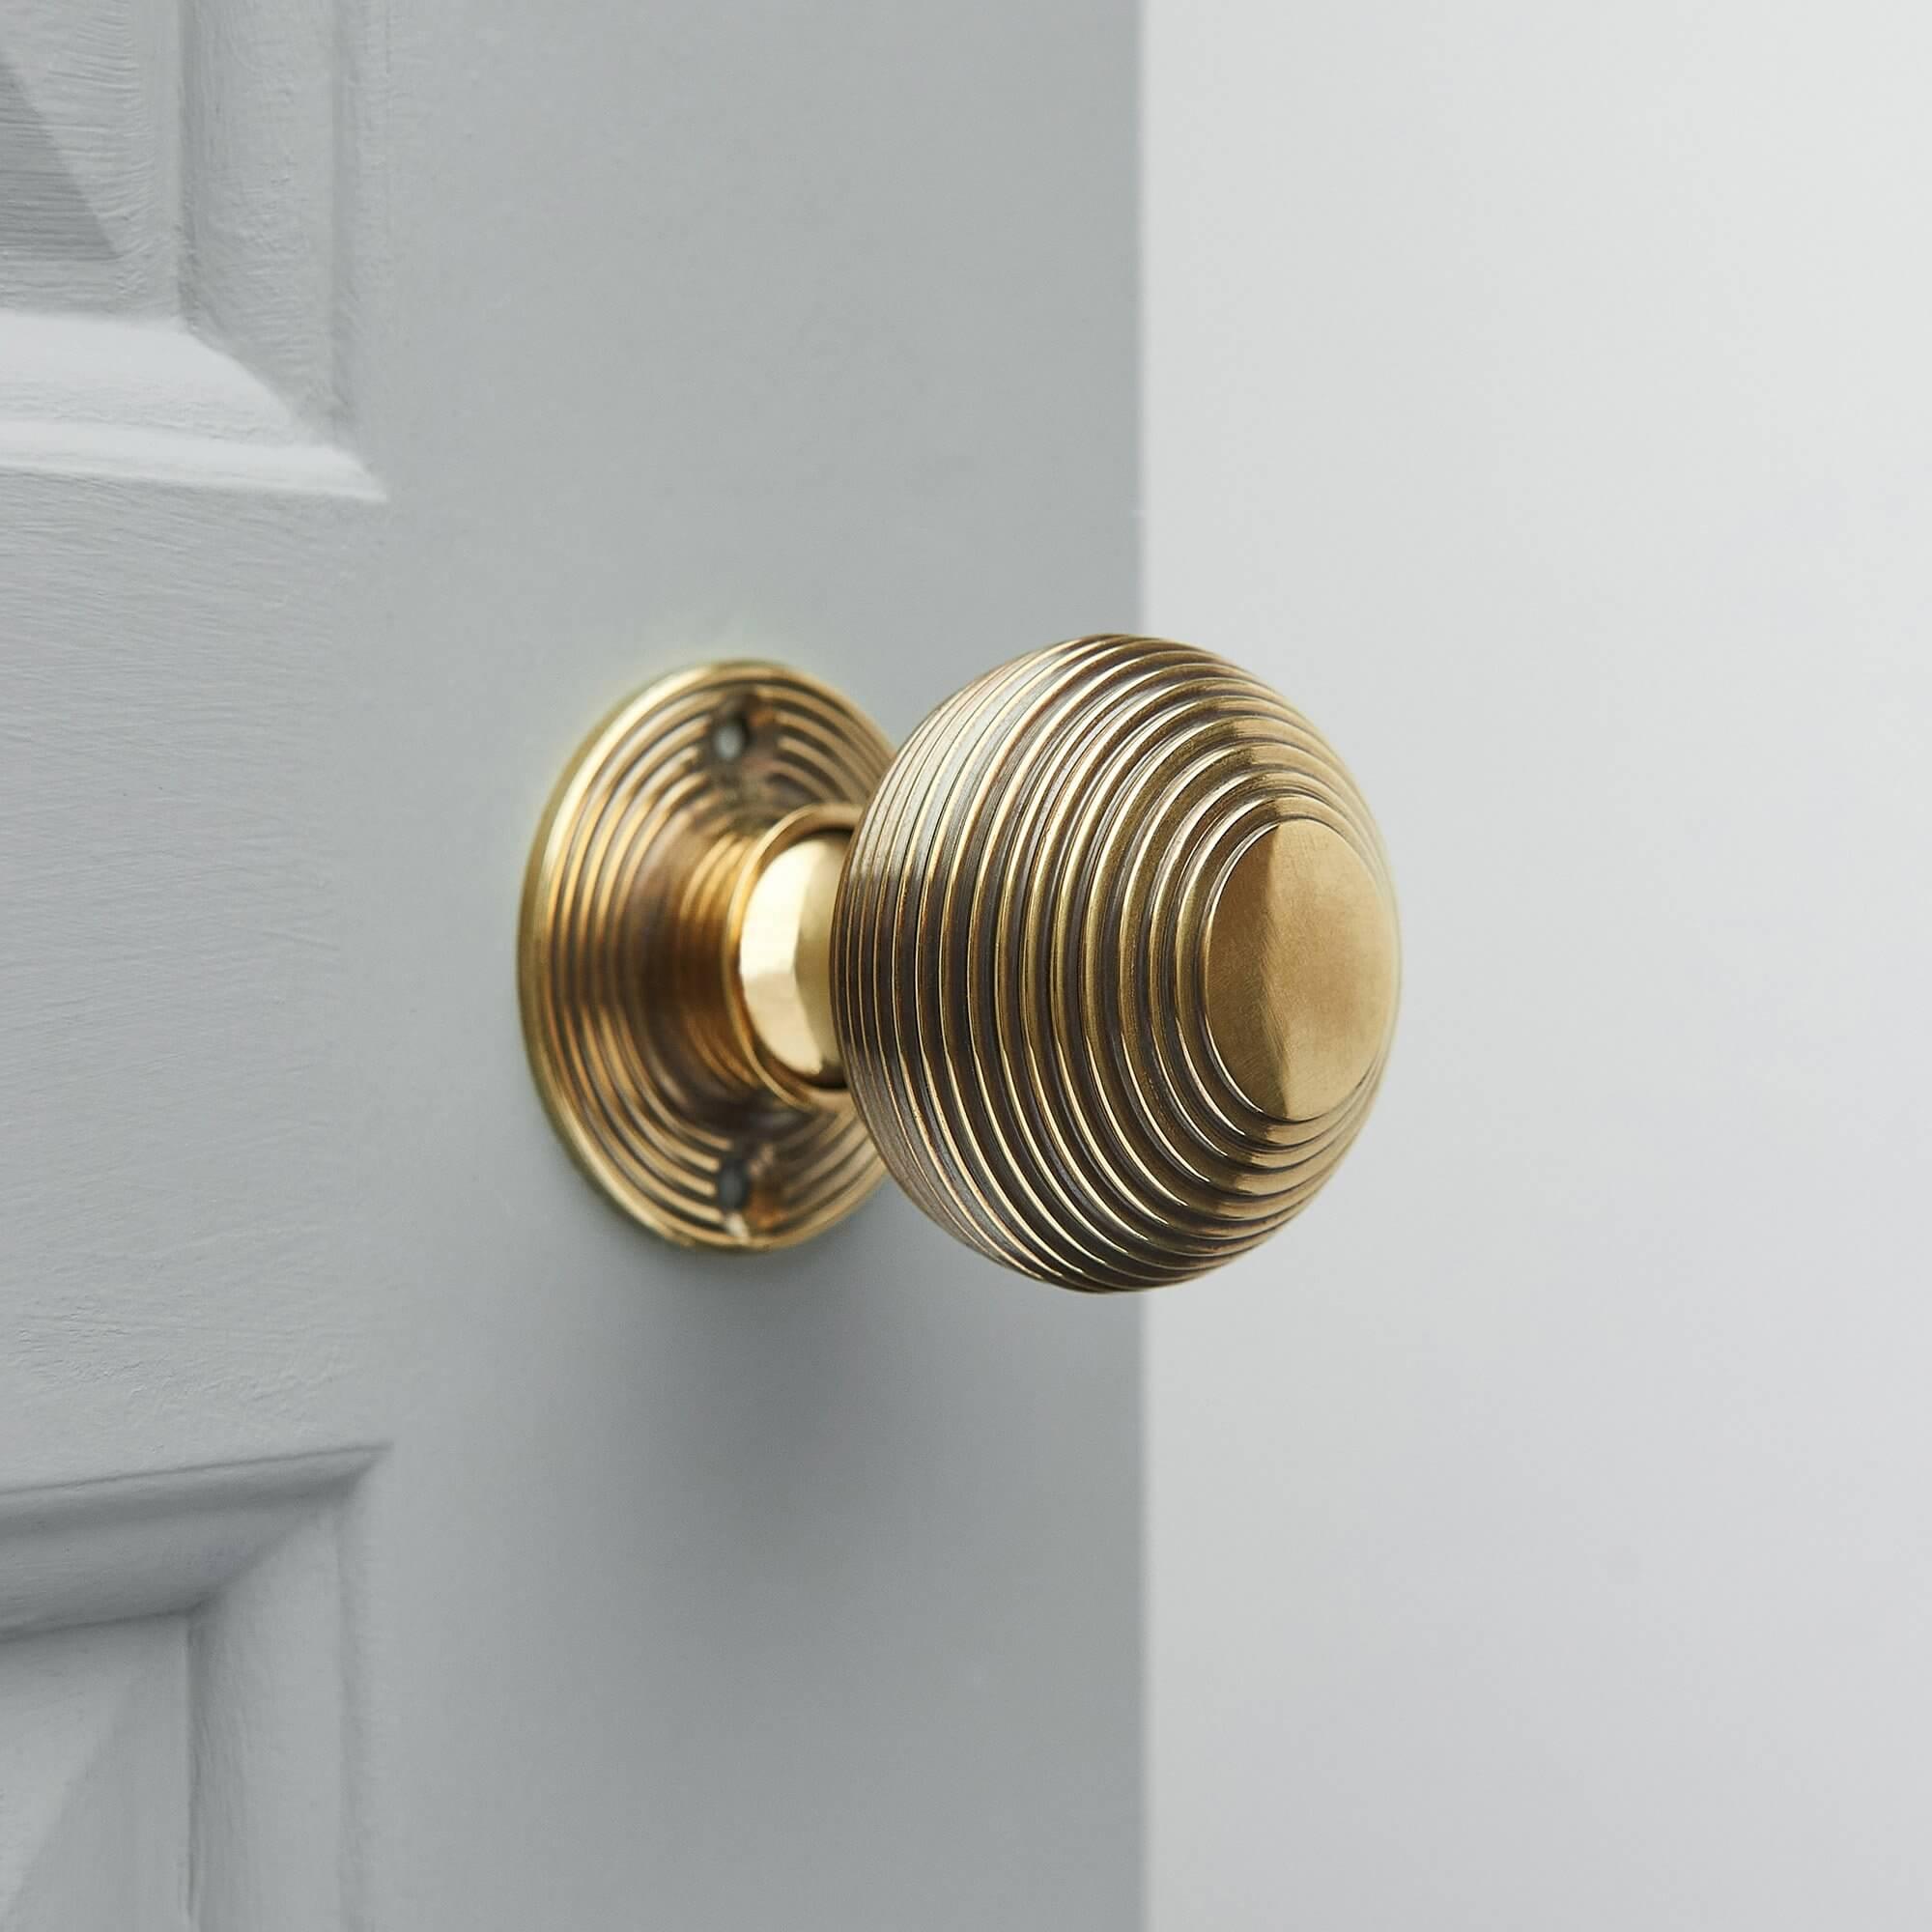 Beehive Mortice/Rim Door Knobs (Pair) - Aged Brass